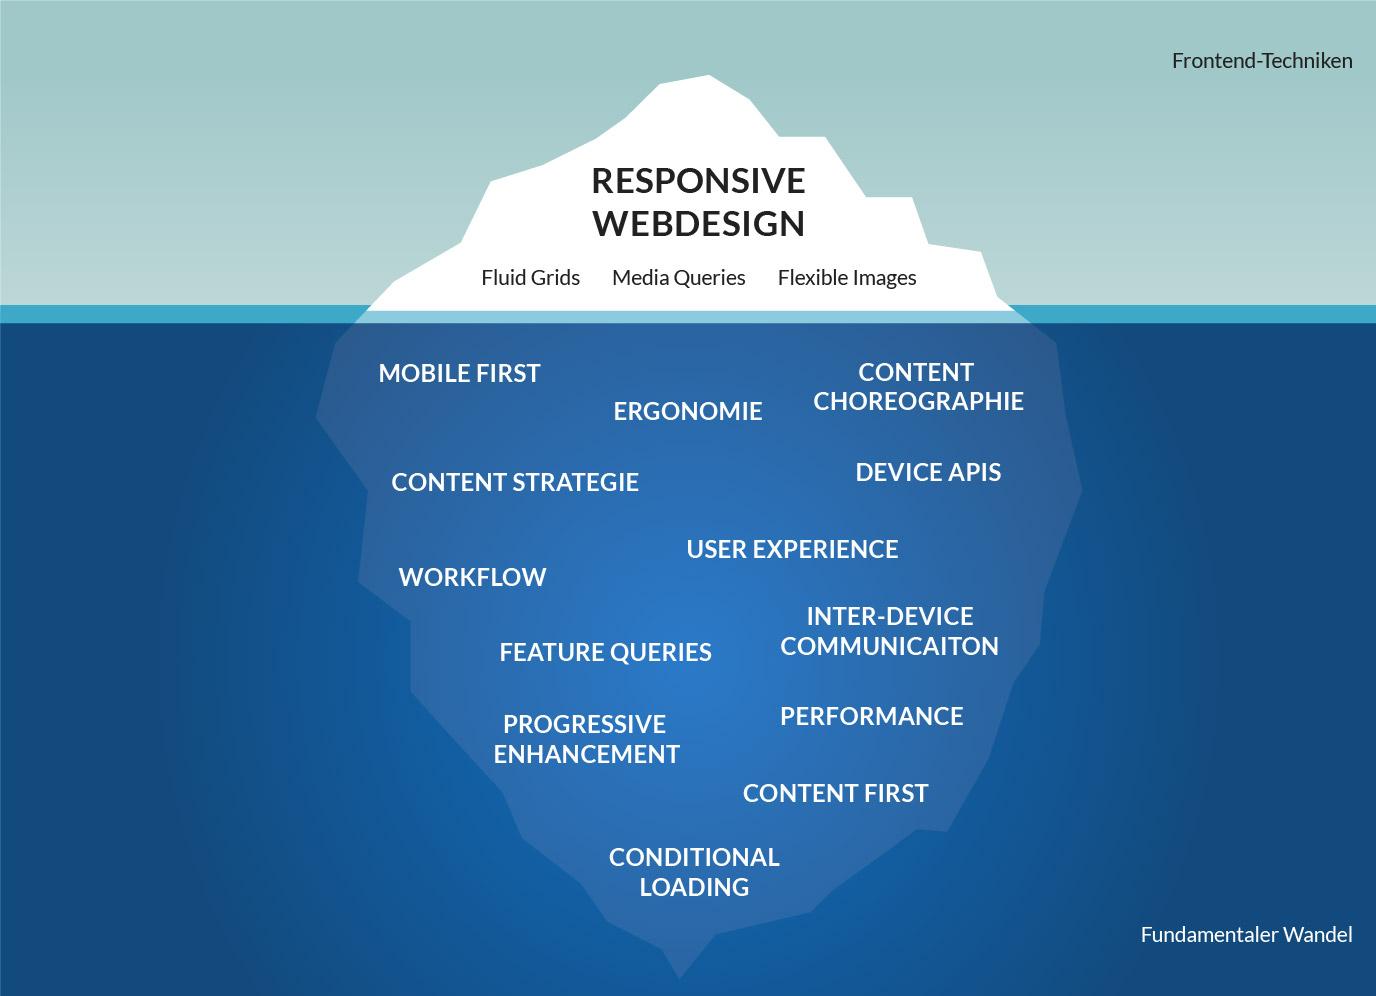 Responsive Webesign ist eigentlich so viel mehr, als ein paar Frontend-Technologien.